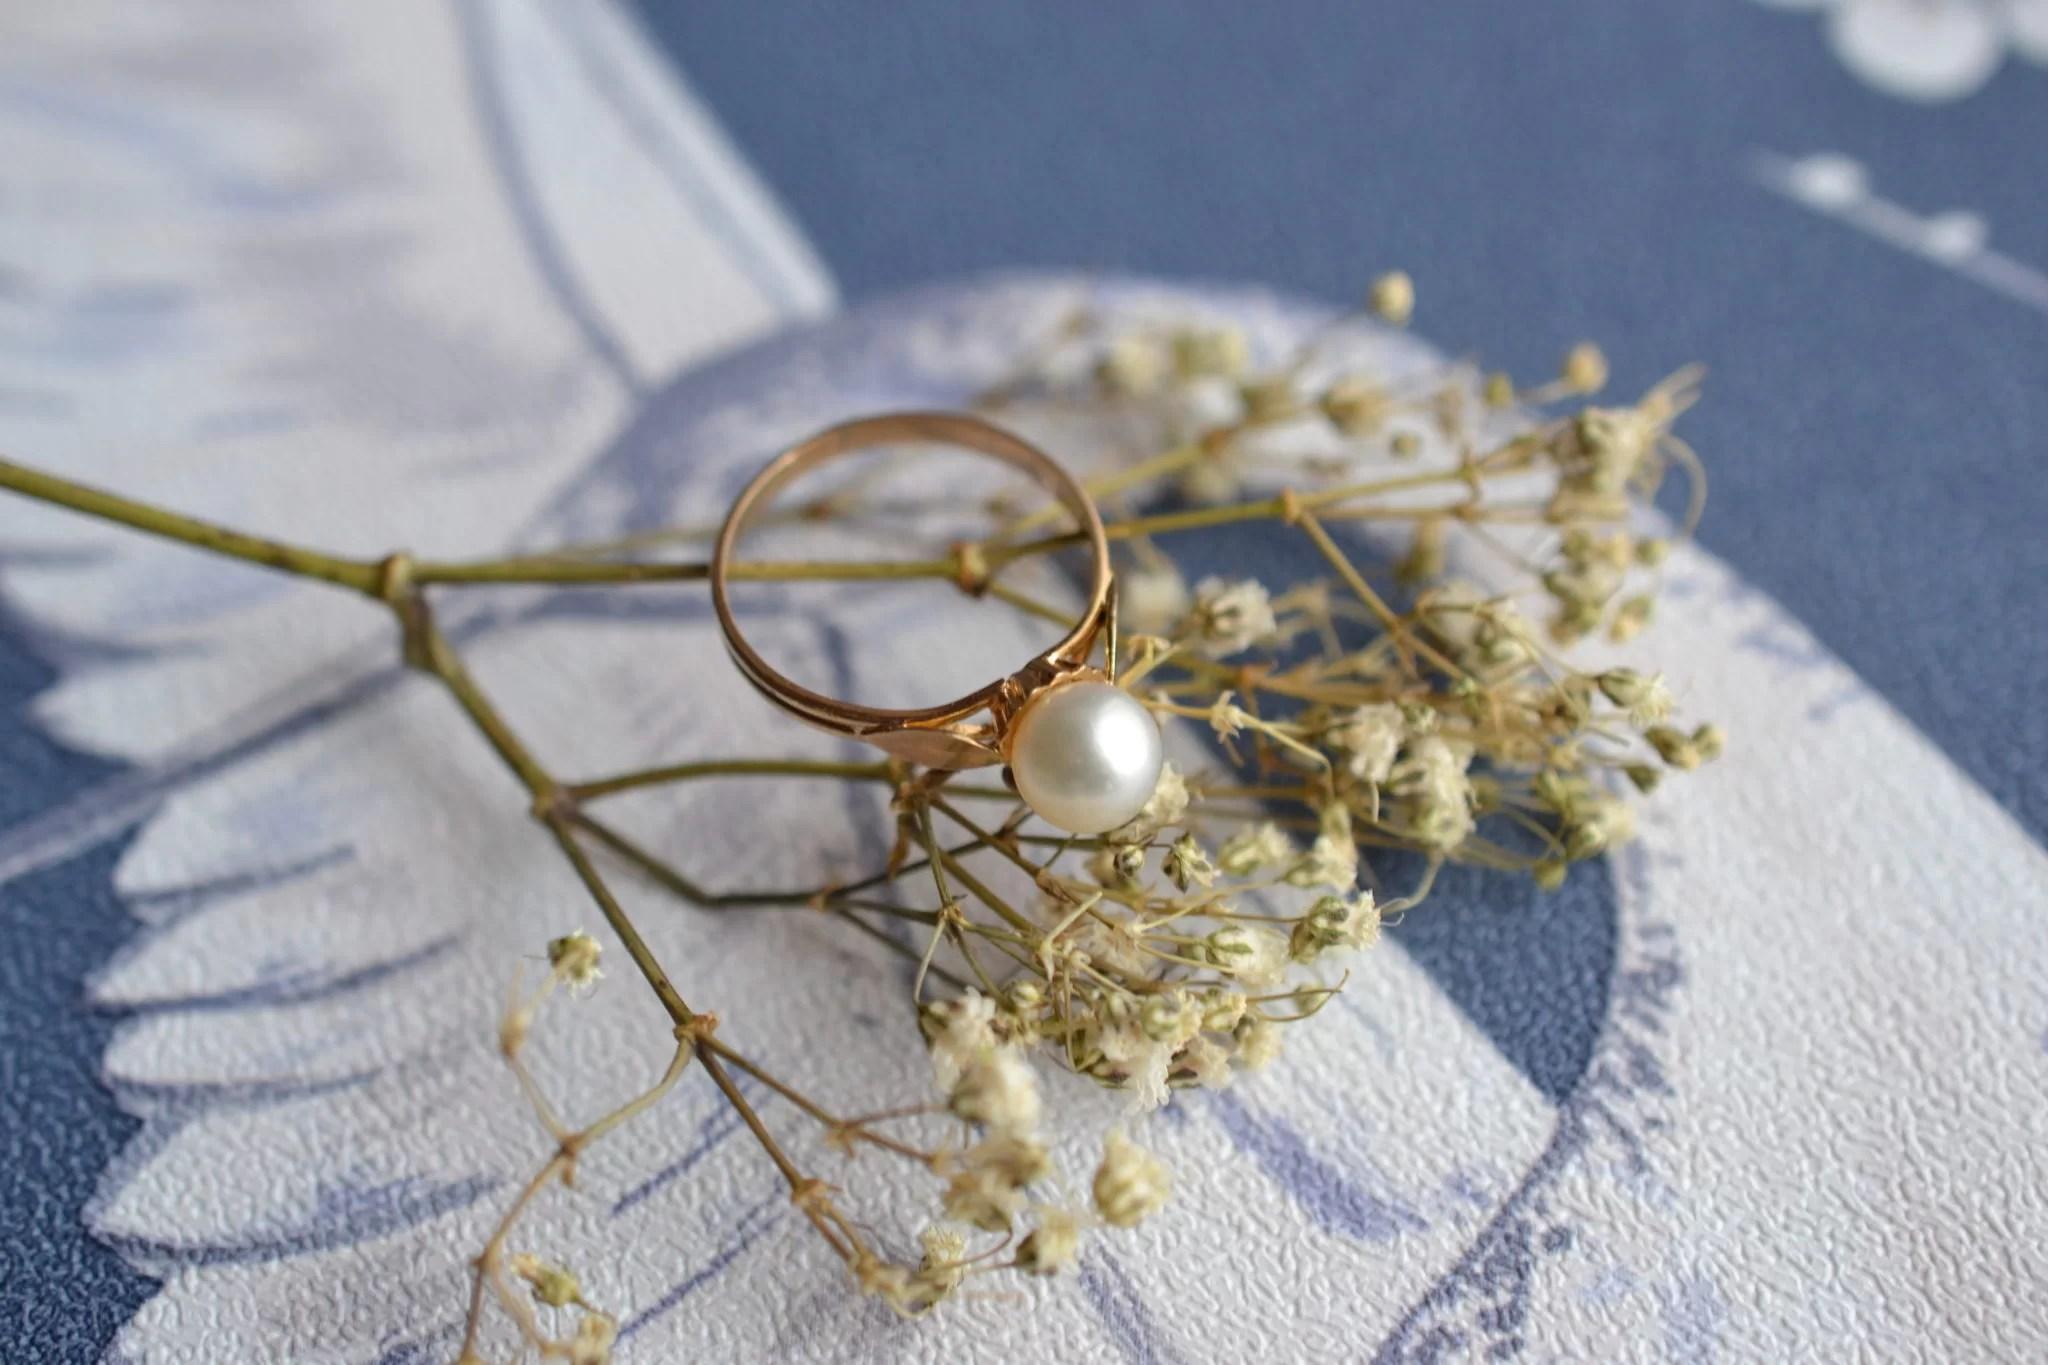 Bague en Or jaune ornée d_une perle - bague de fiançailles Vintage